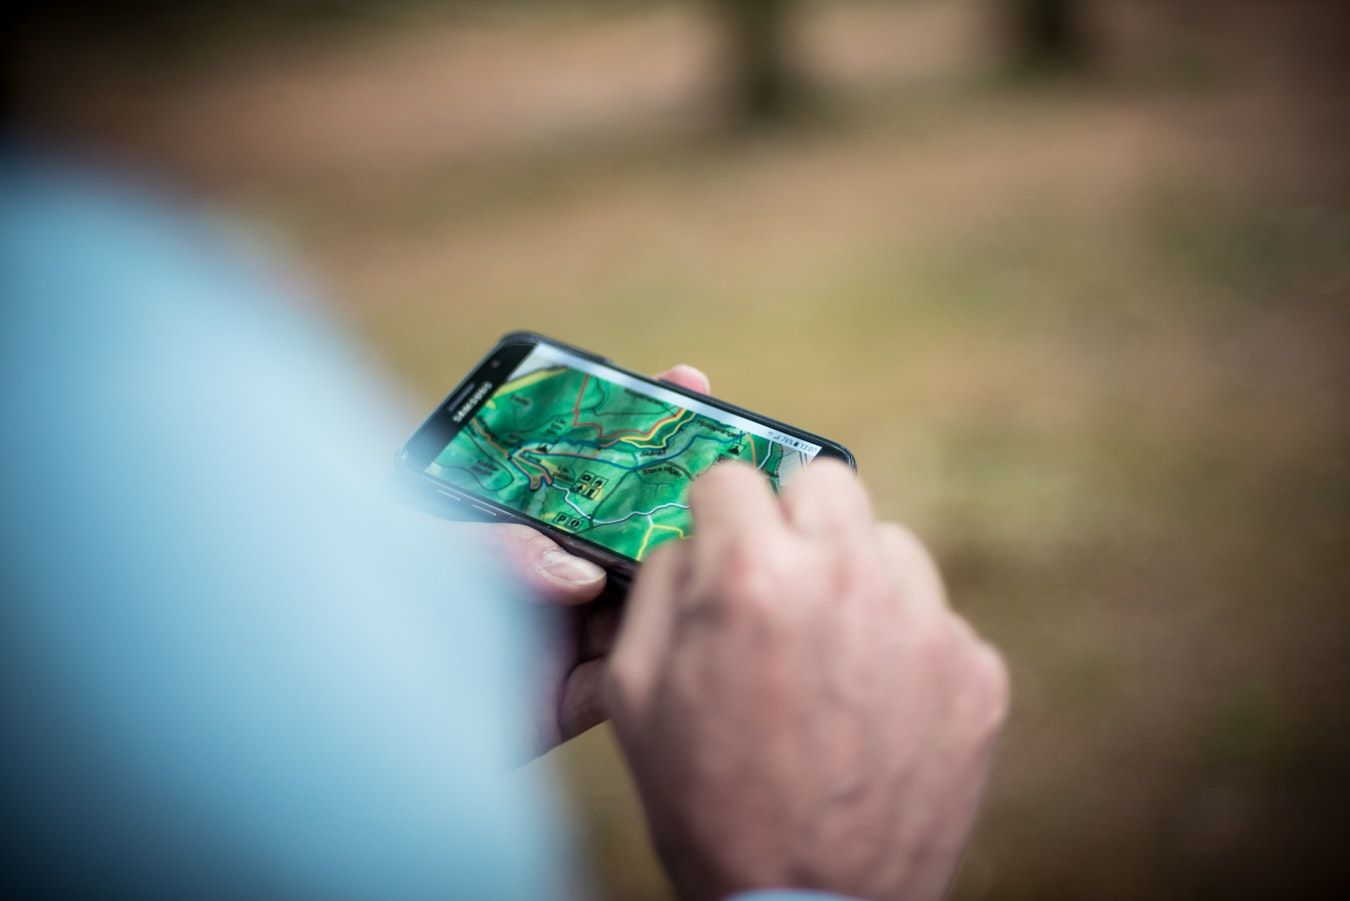 Crear juegos para móvil: Tipos de app juegos